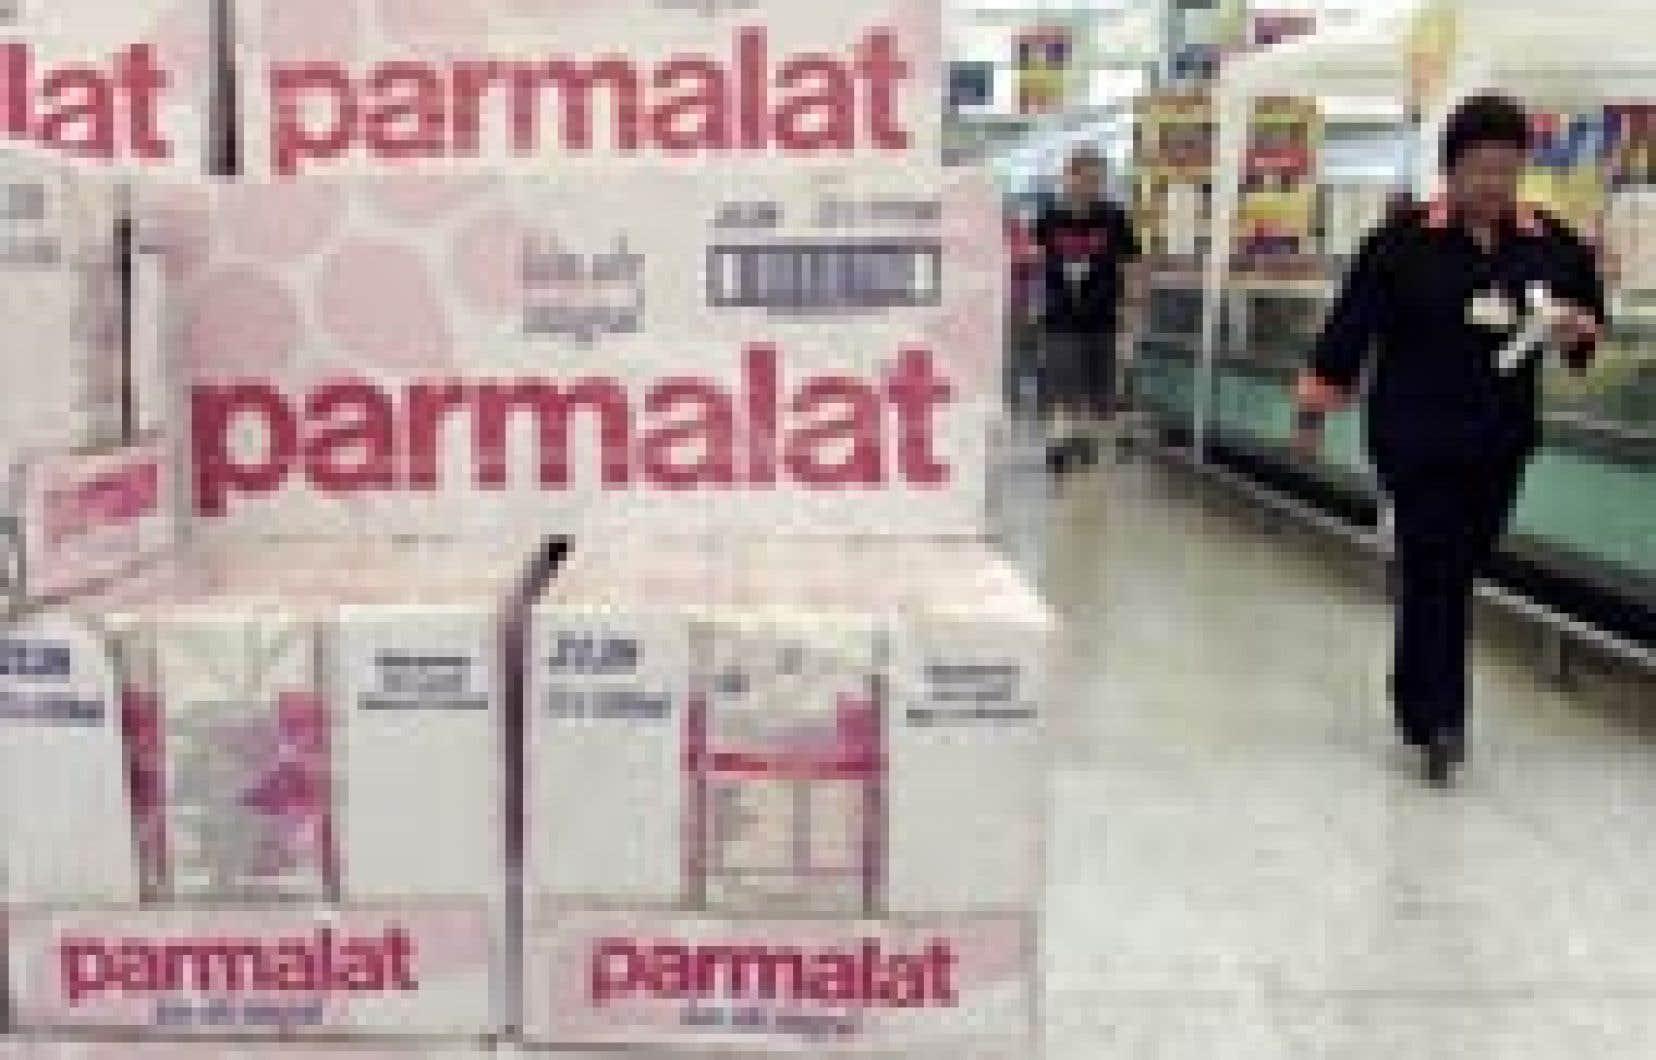 Parmi les marques que le groupe entend conserver, le plan retient deux marques globales — Parmalat (lait) et Santal (jus de fruits) — et certaines marques locales «fortes» — Astro et Lactantia au Canada.